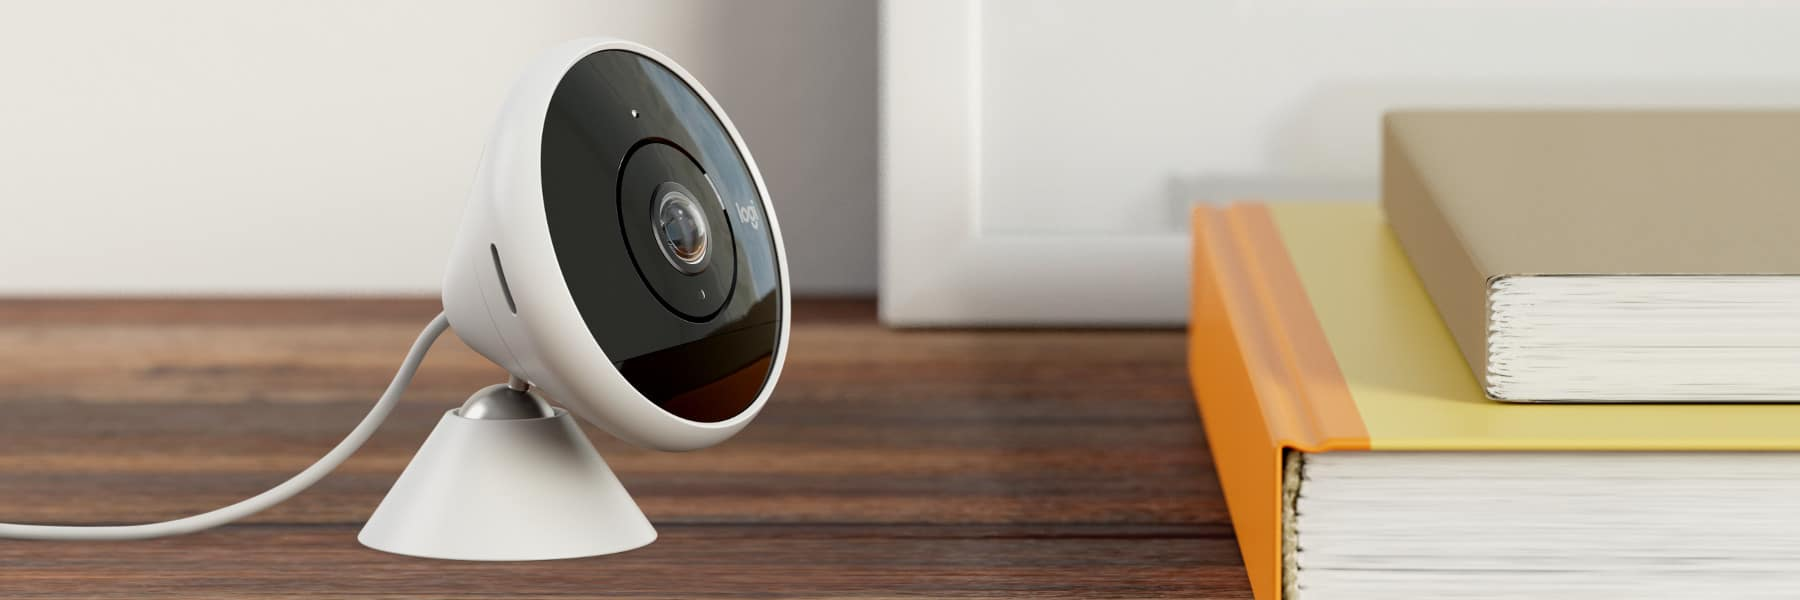 HomeKit Secure Video: Logitech veröffentlicht Firmware für Circle 2